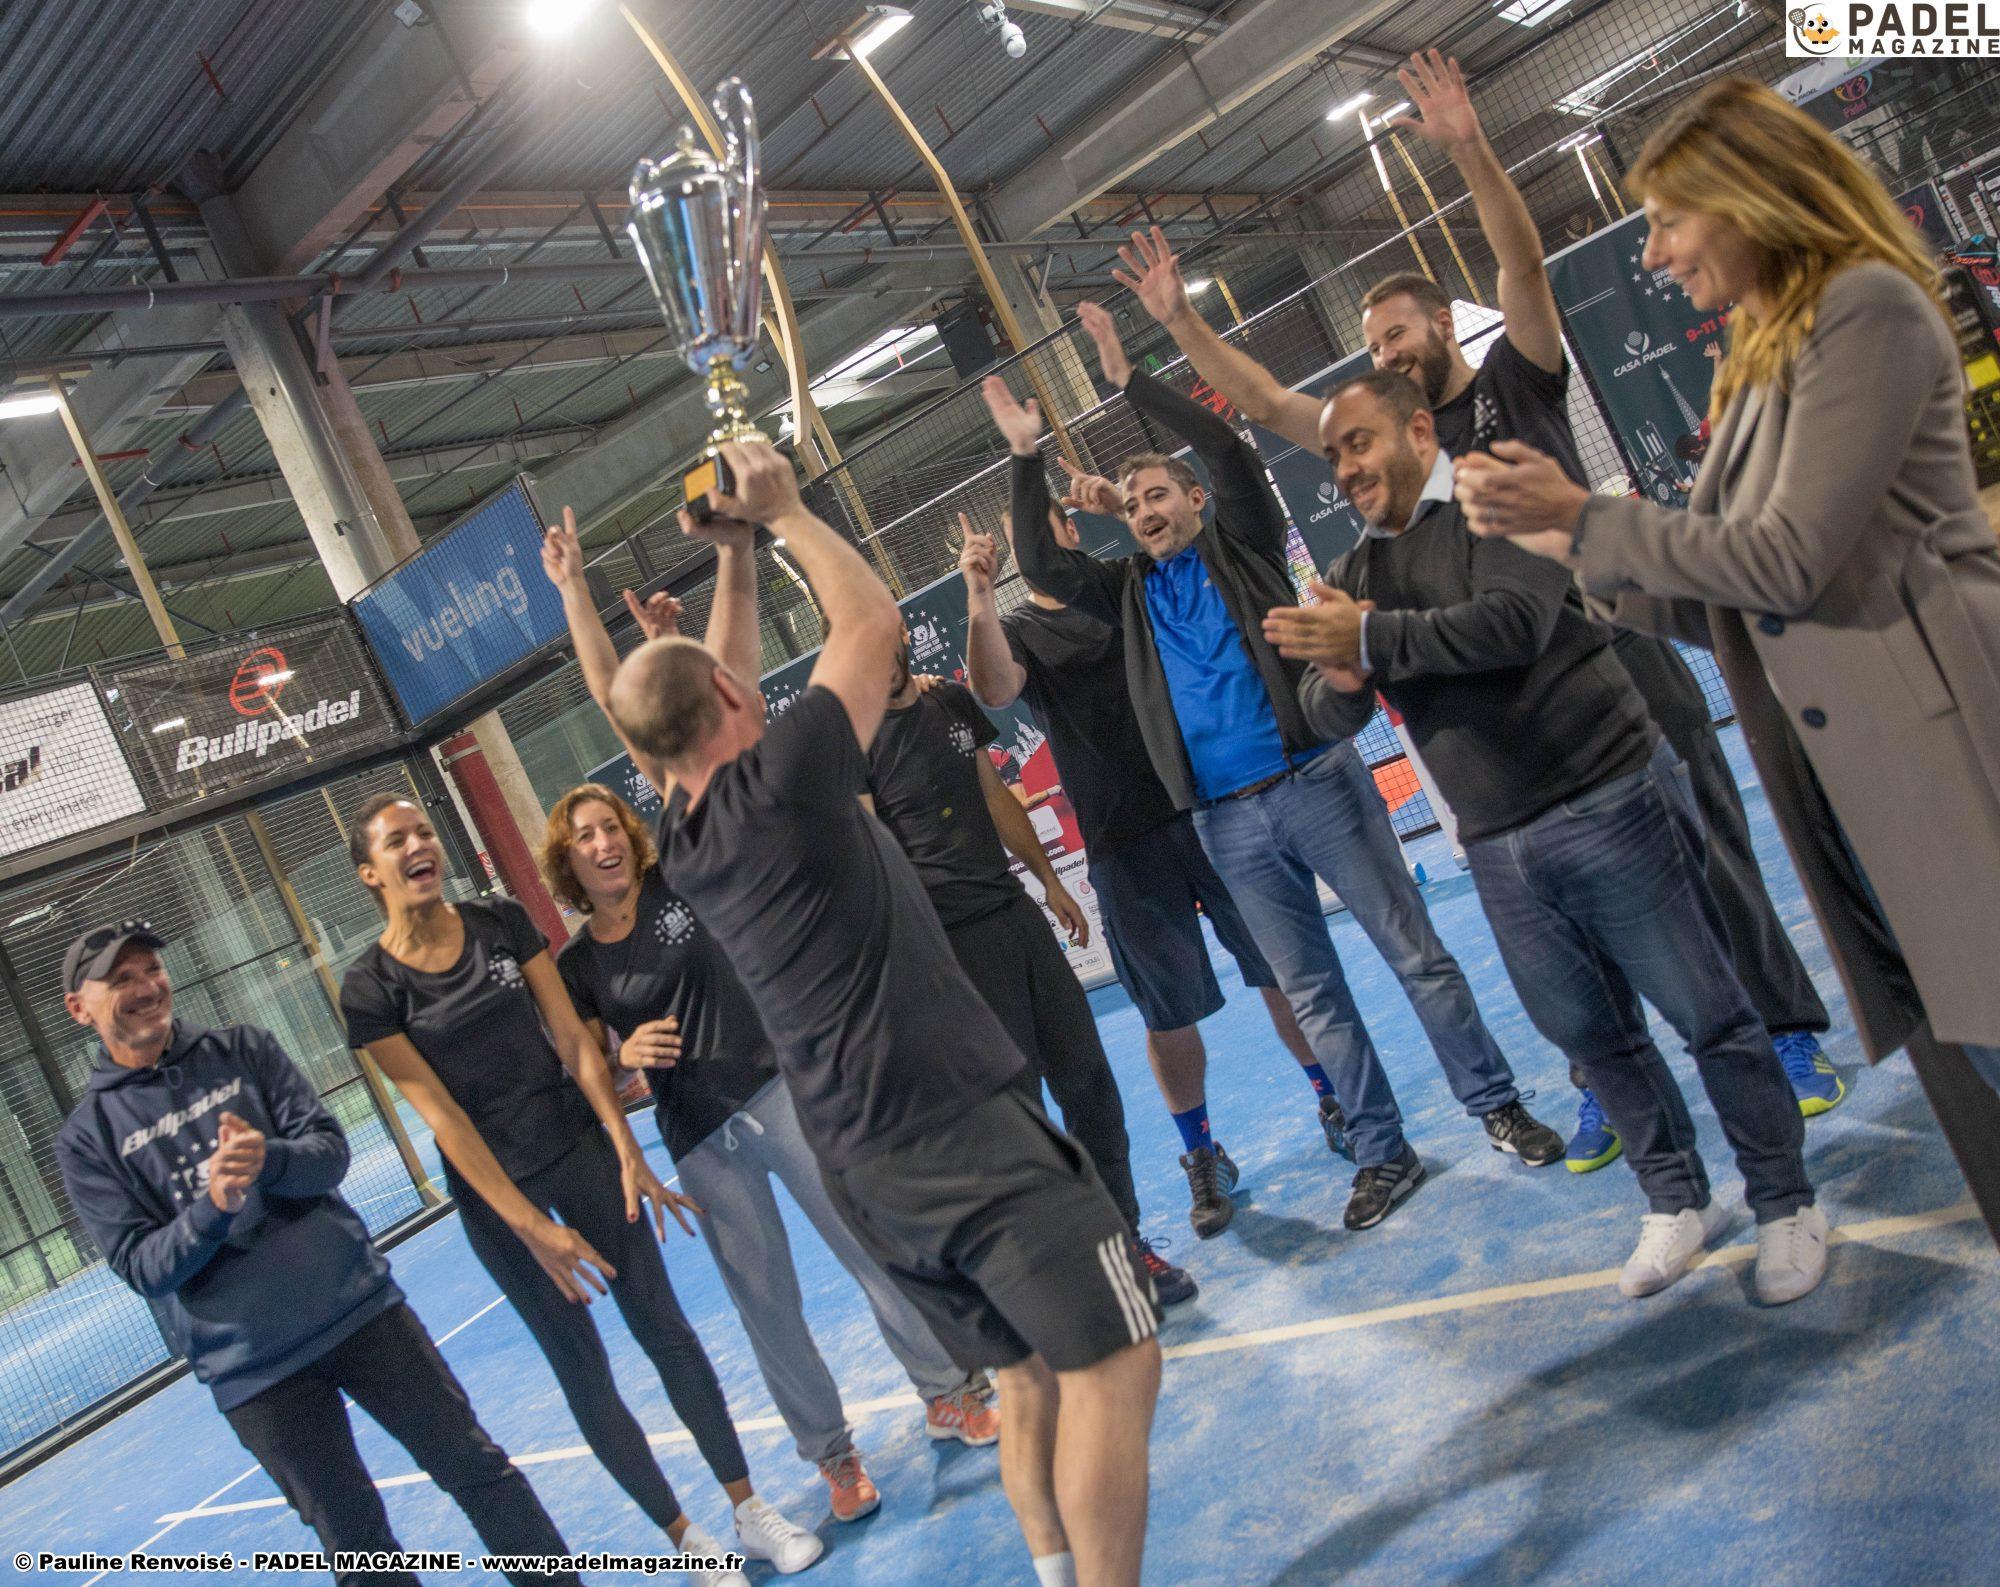 Résultats de l'Euro Padel Cup 2018